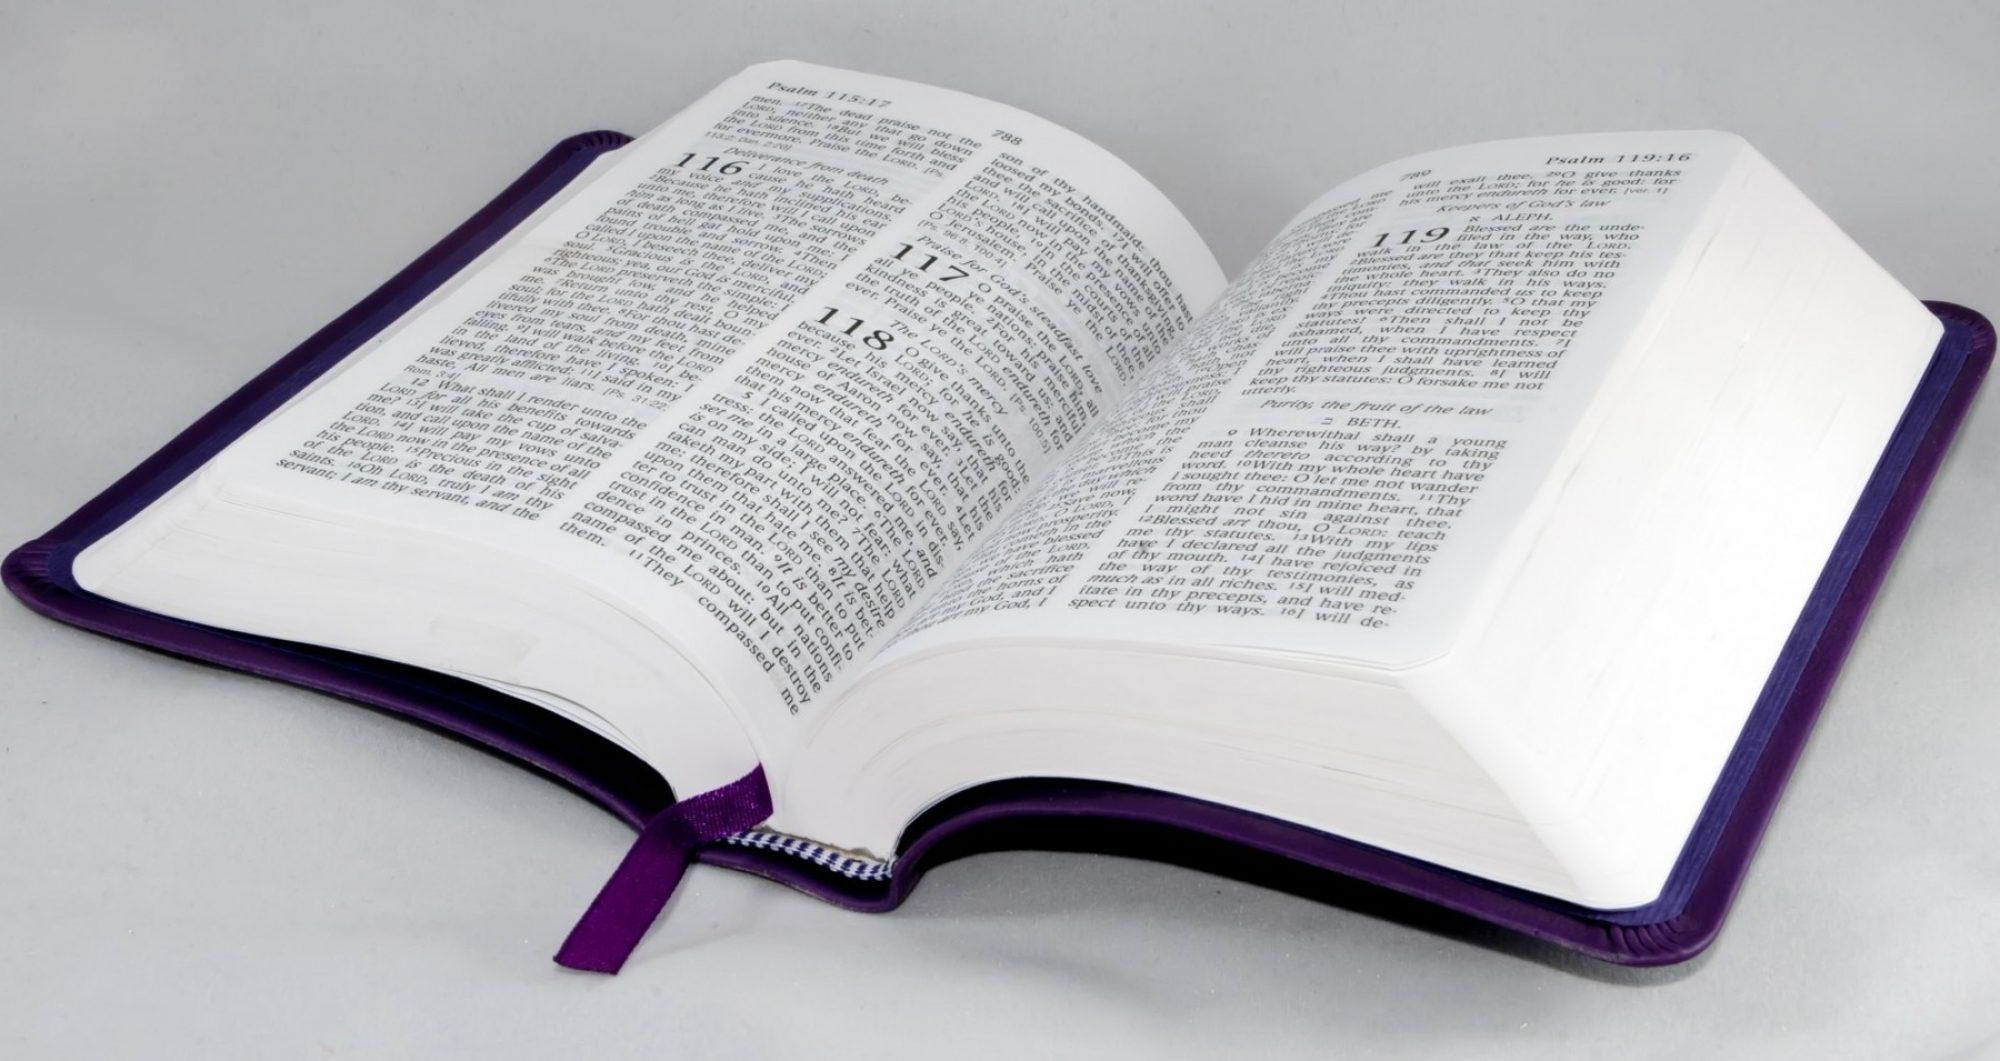 Visión general del Nuevo Testamento